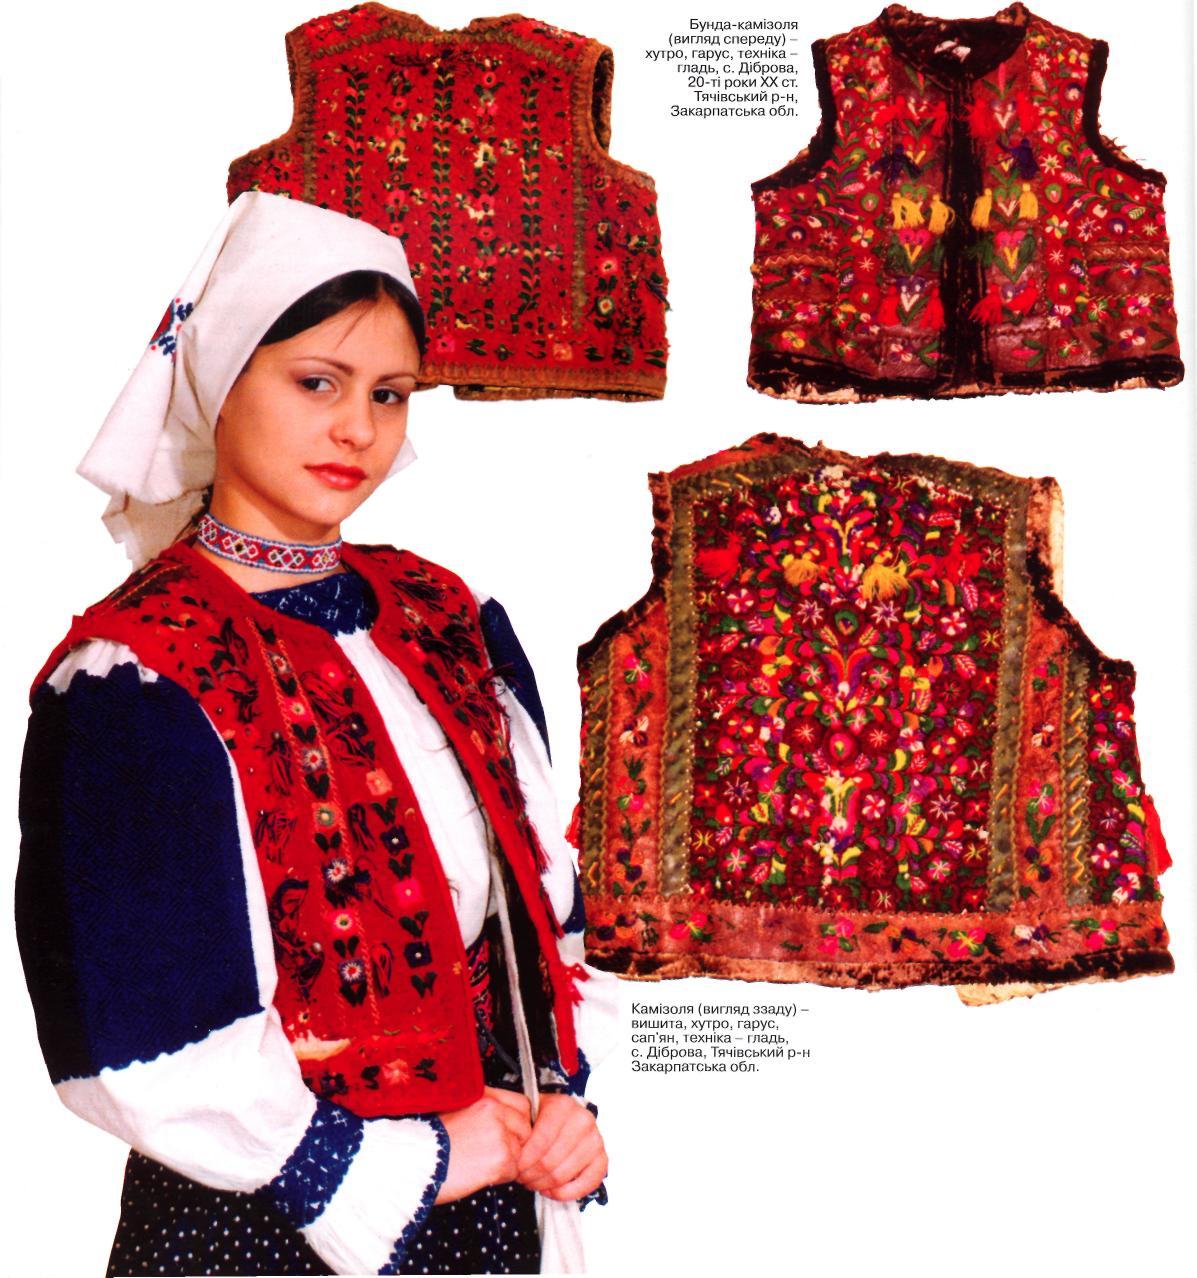 Одяг Закарпаття - український національний